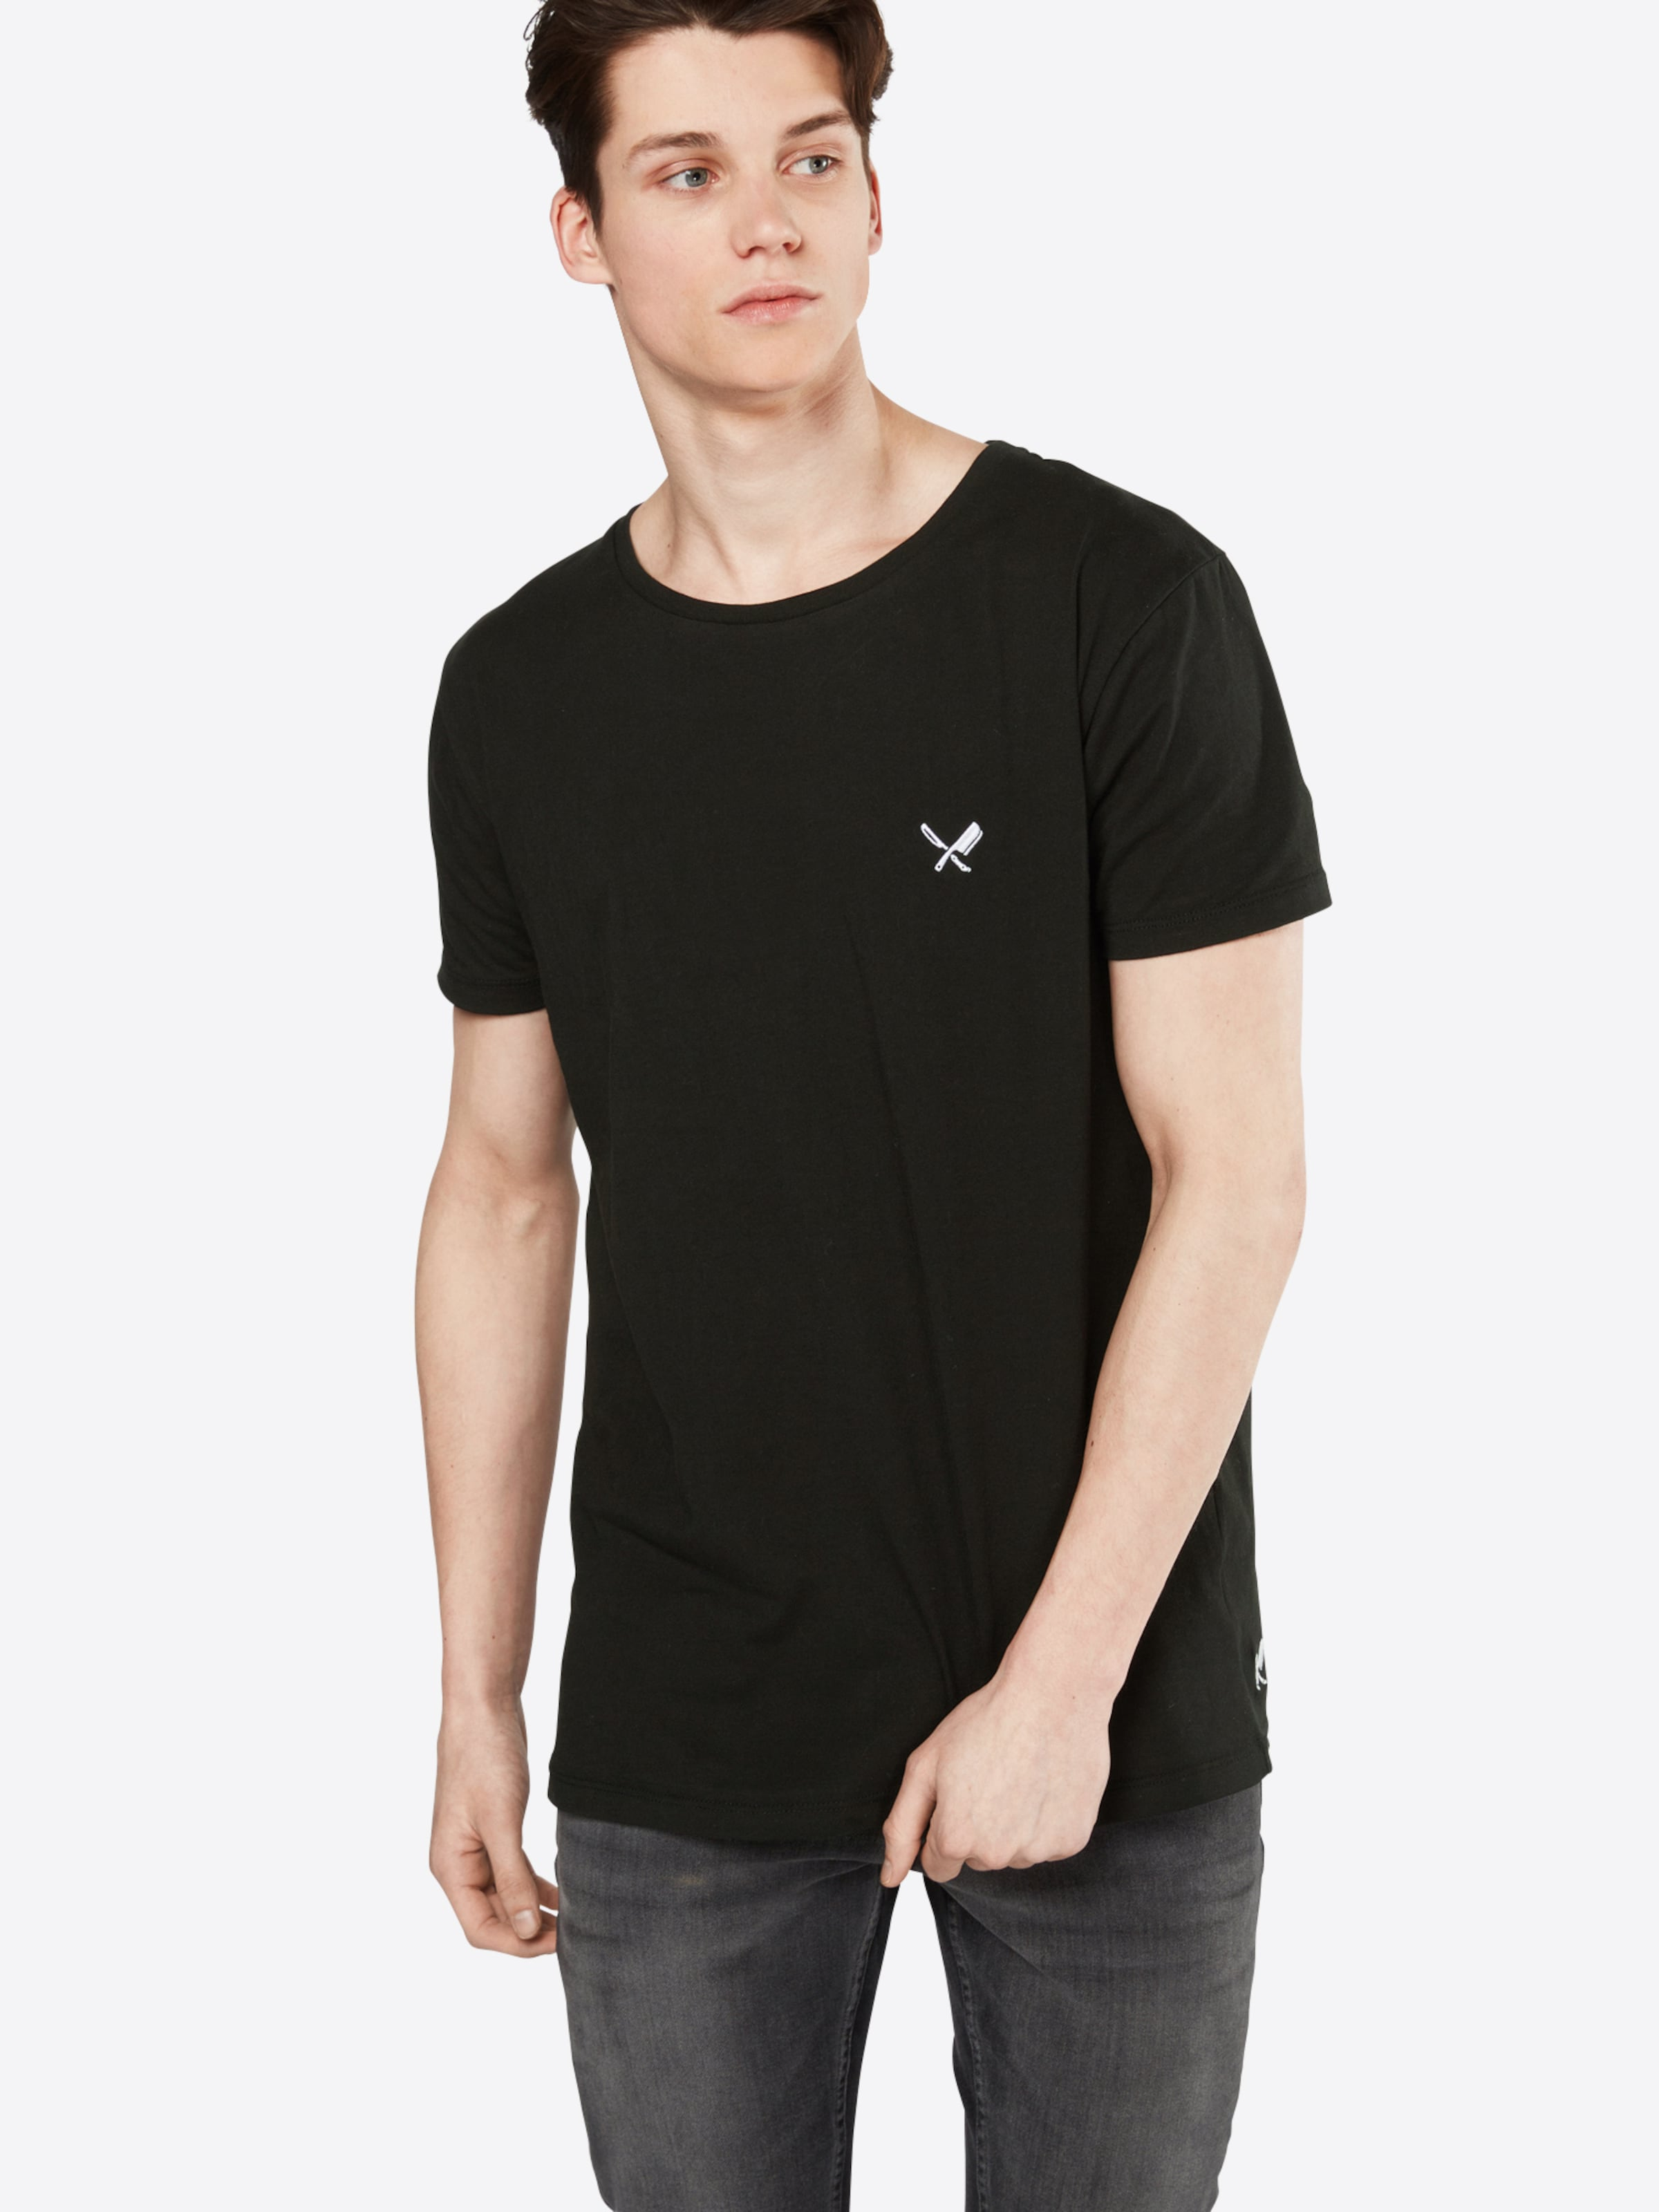 distortedpeople T-Shirt 'Grand Crew Neck' Angebote Verkauf Des Niedrigen Preises S7WenXsf